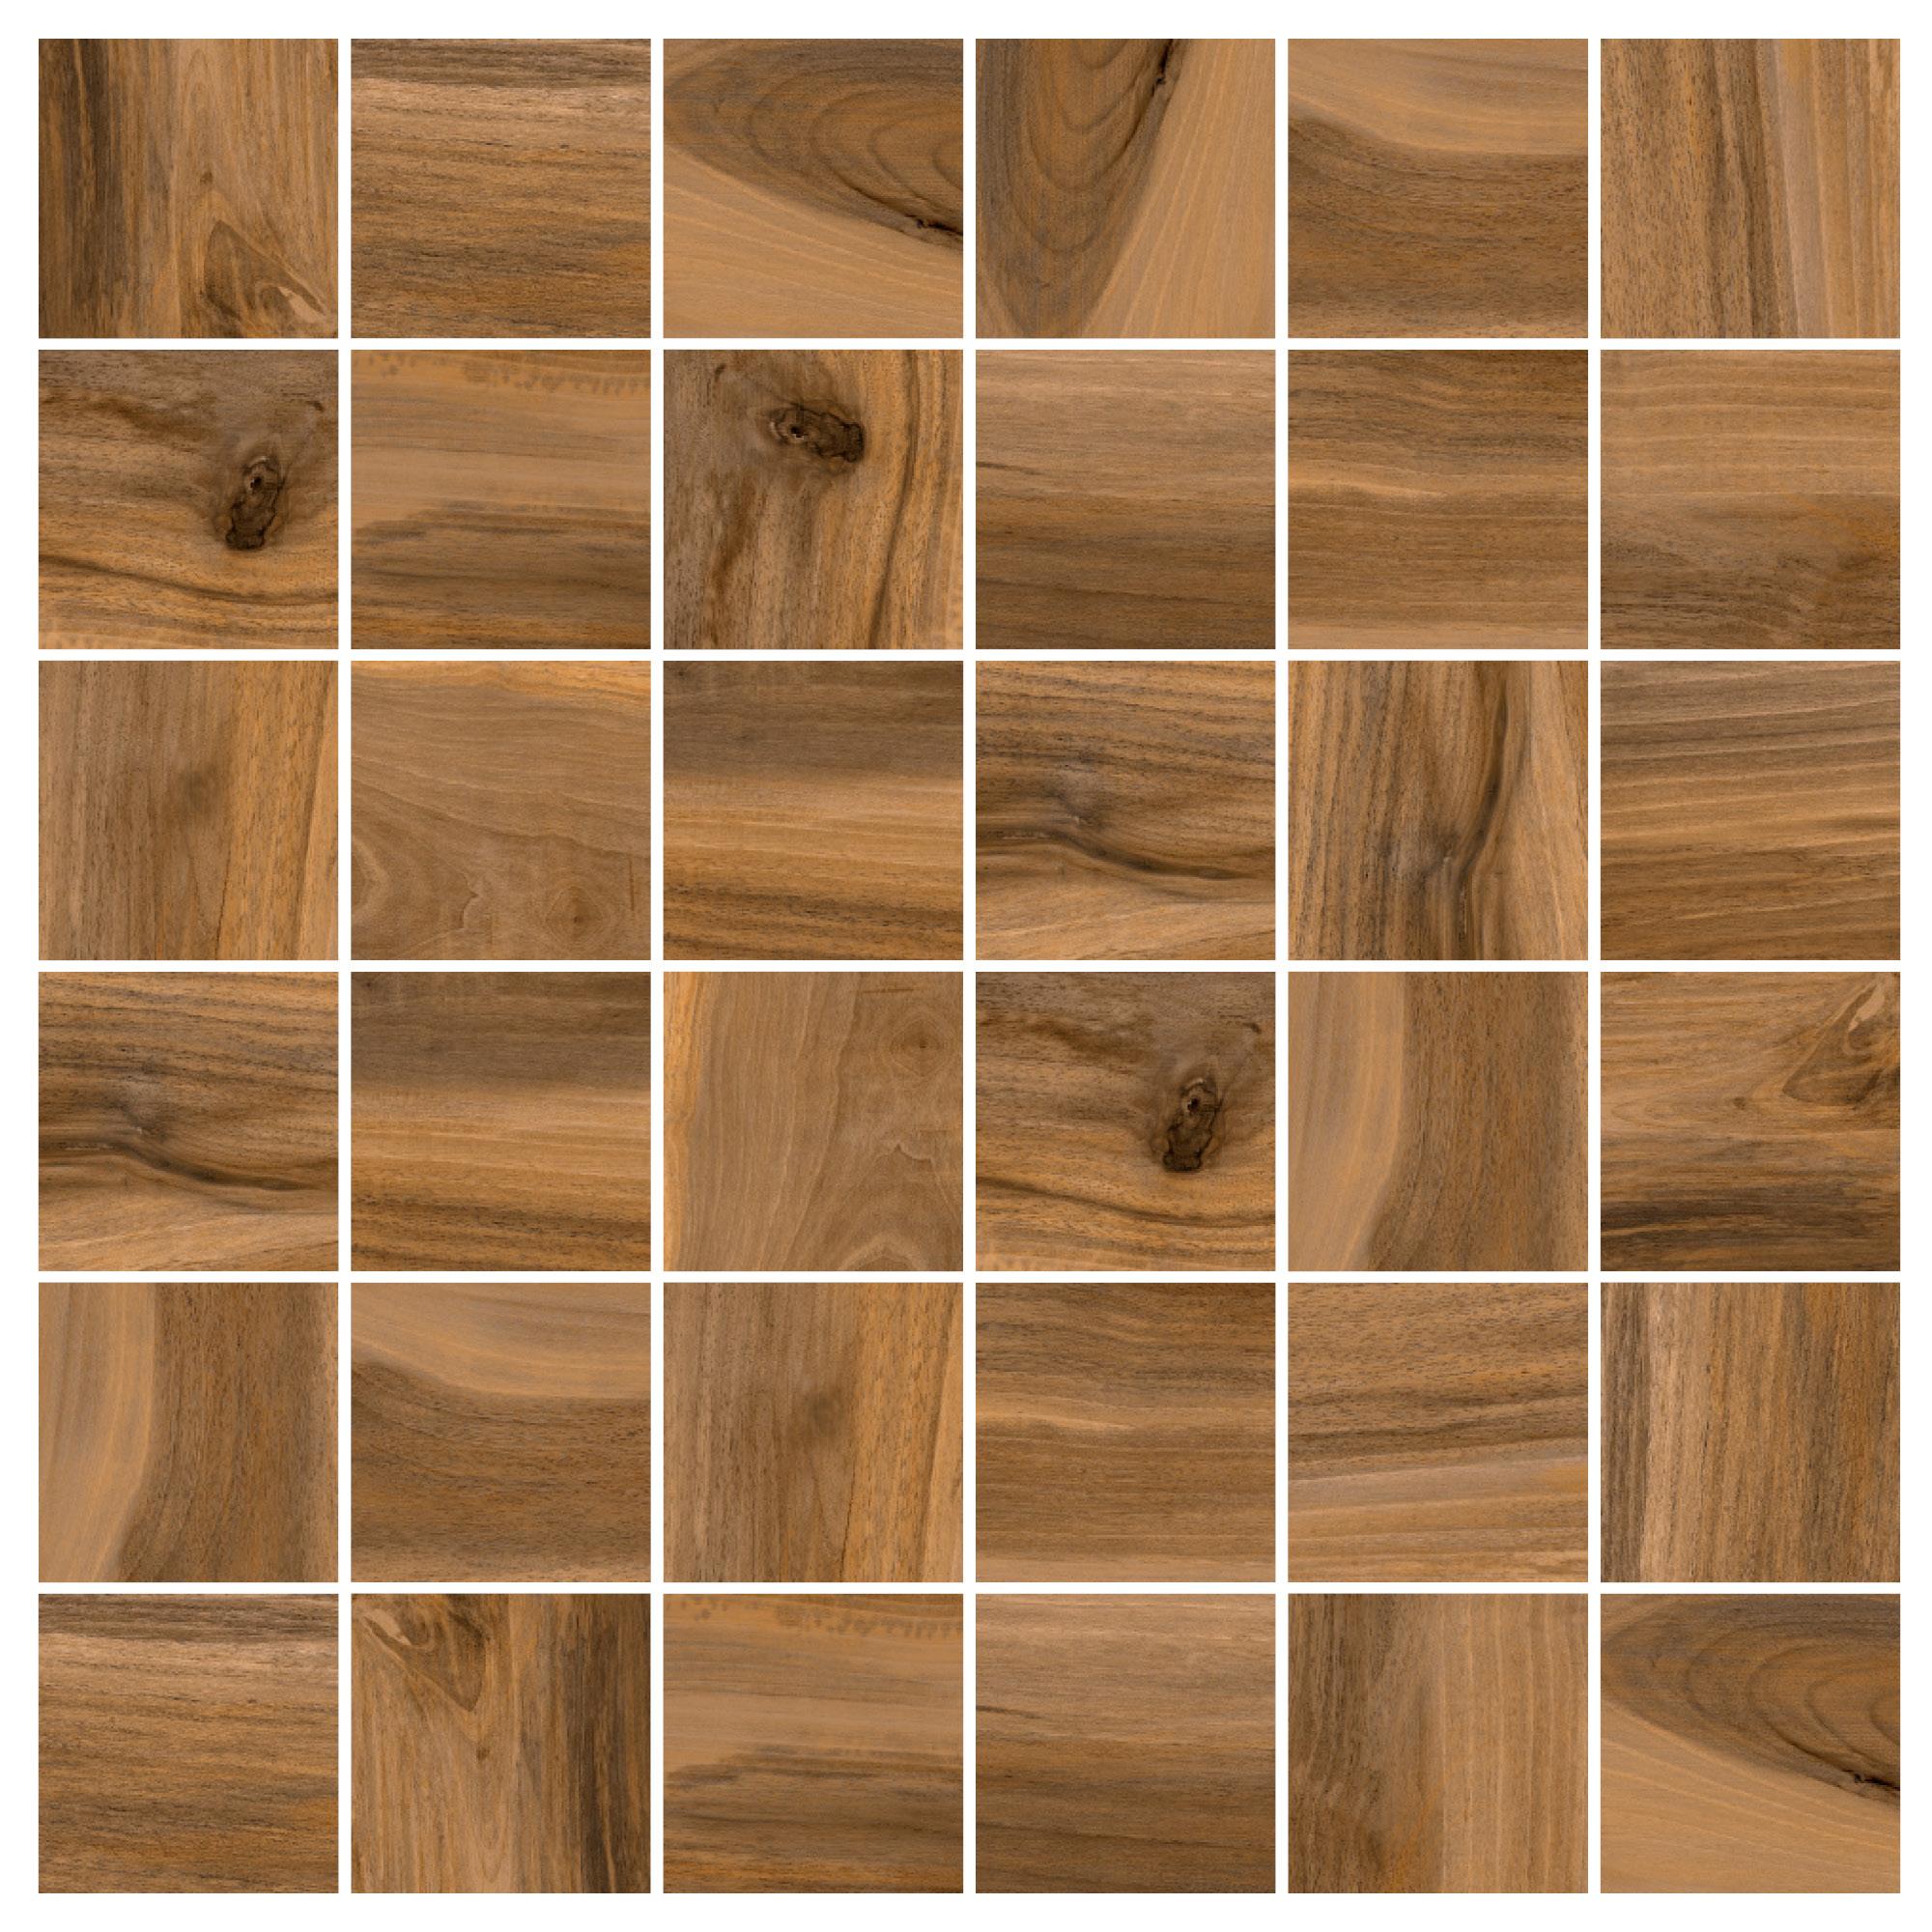 tasmania-teak-12-x-12-mosaic-happy-floors-1.jpg